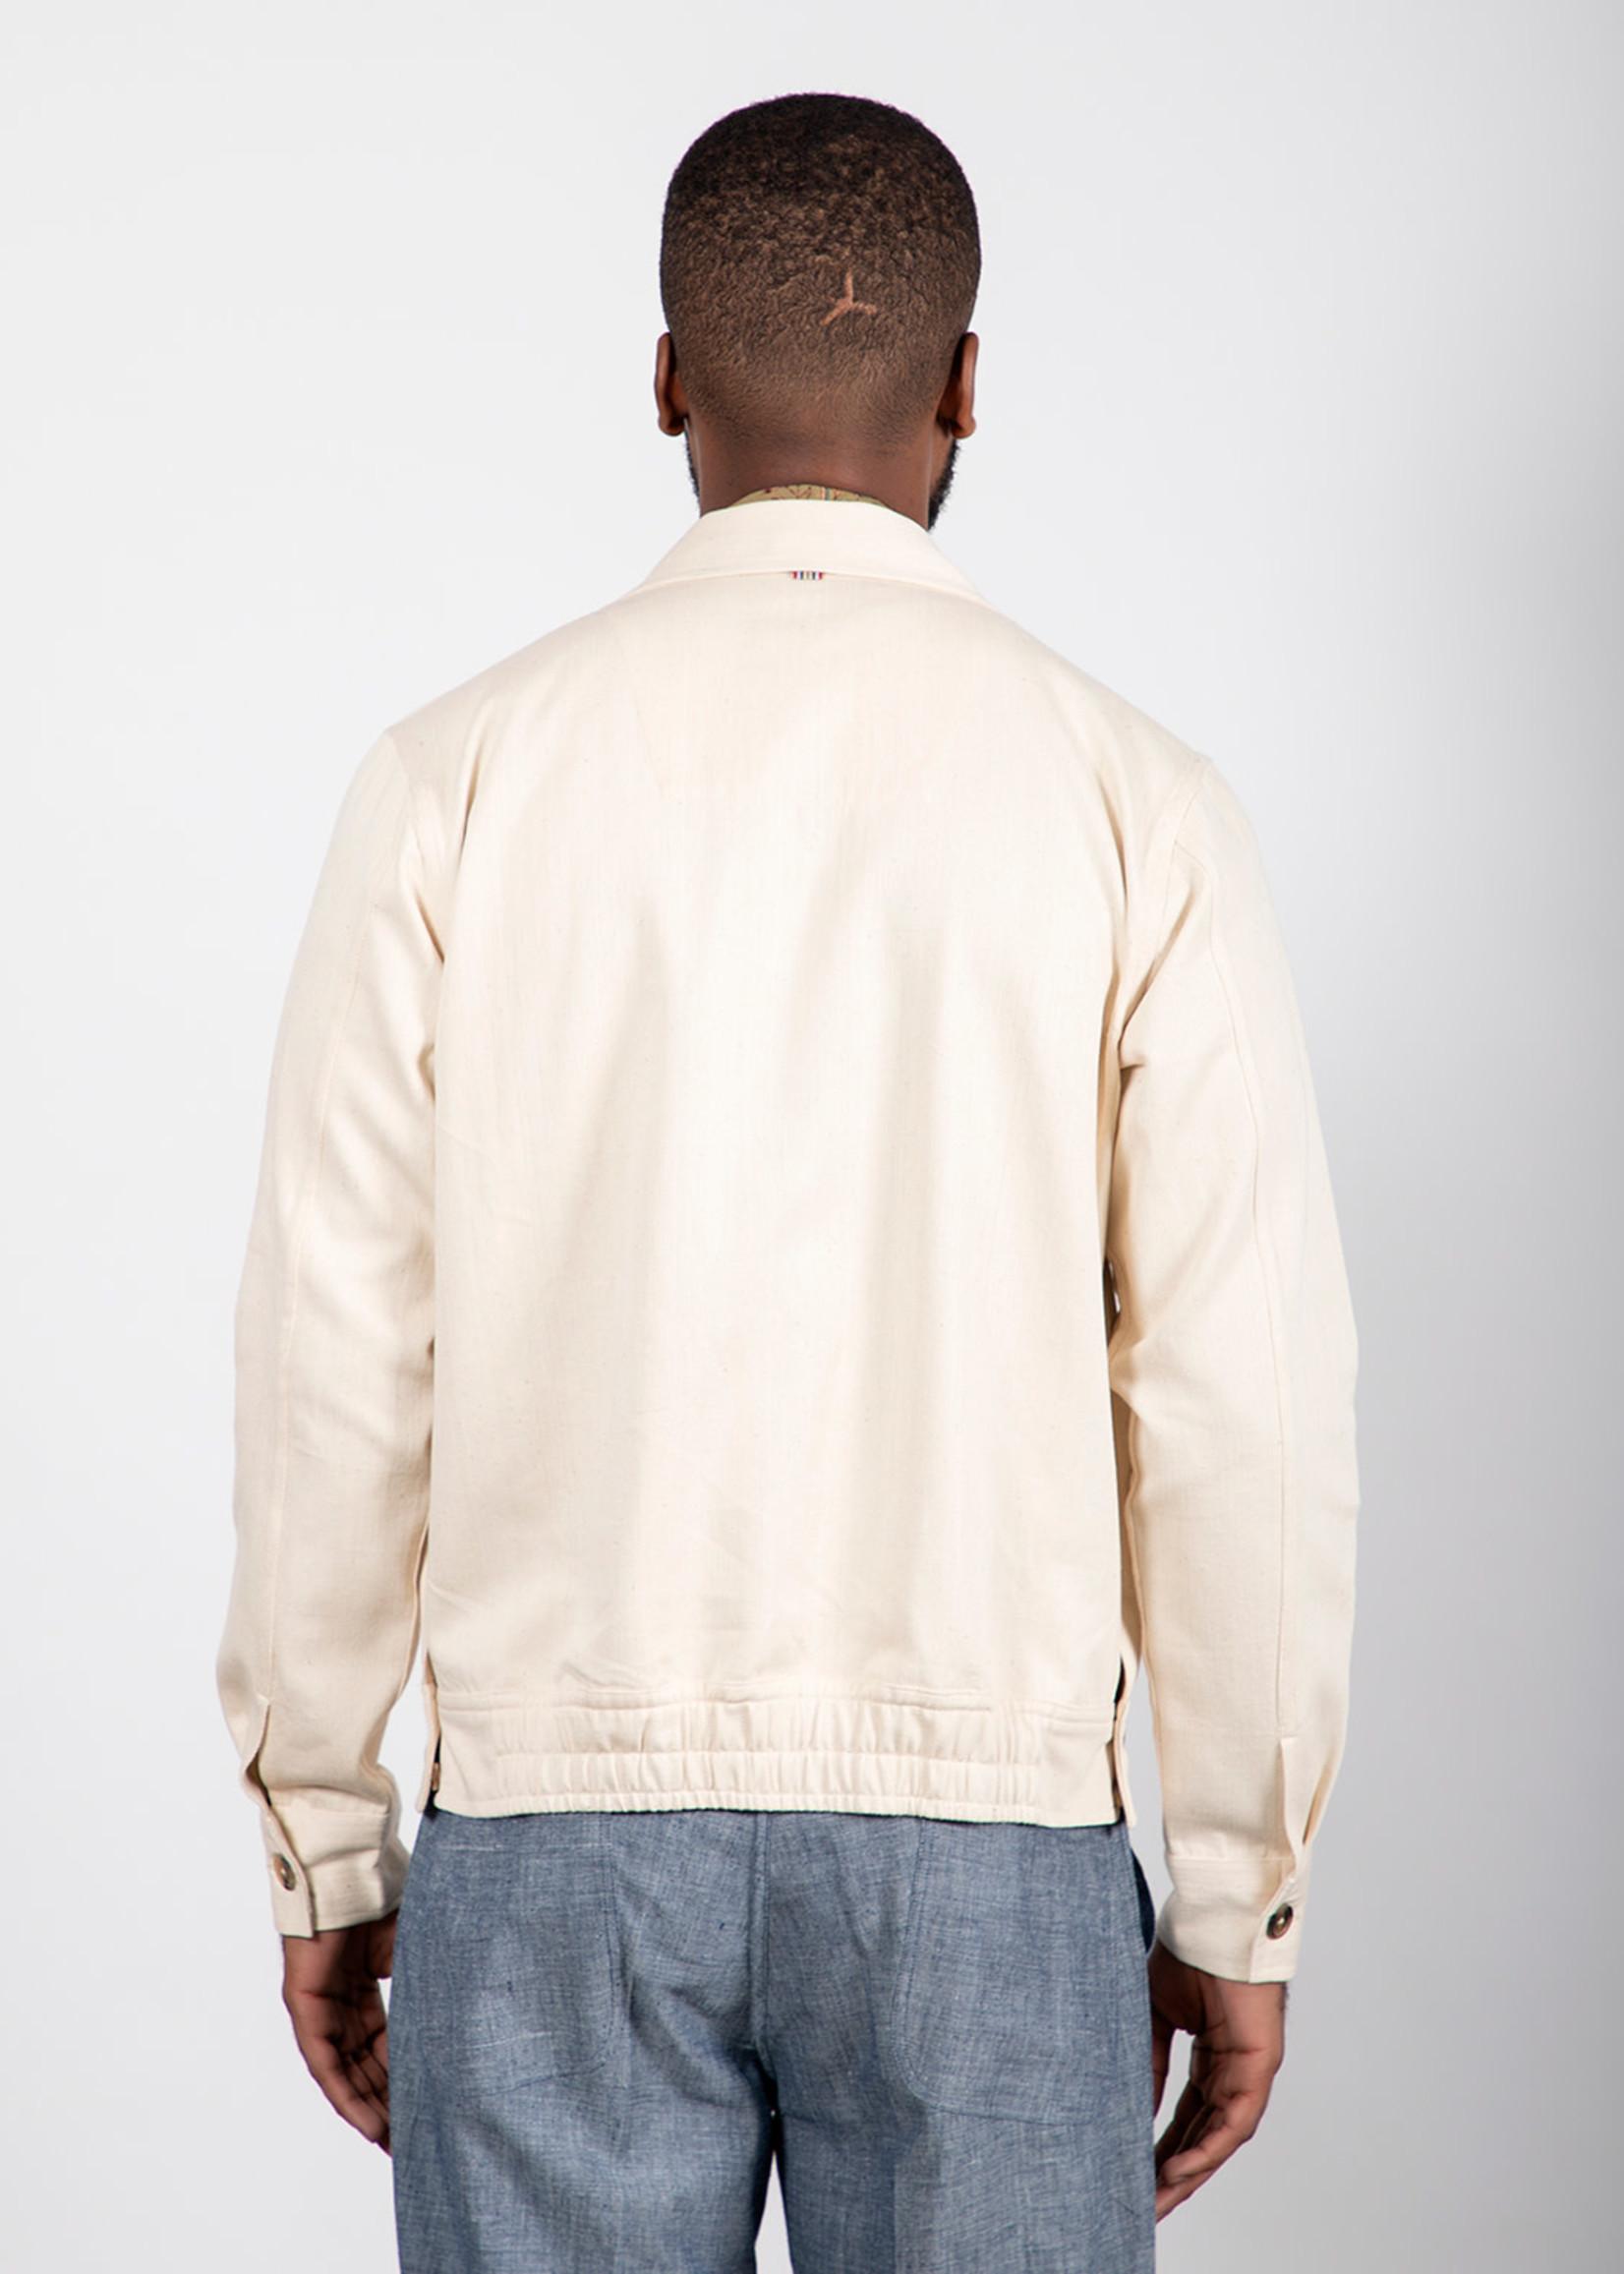 Kardo Kardo Stephane Natural Handloom Denim Jacket